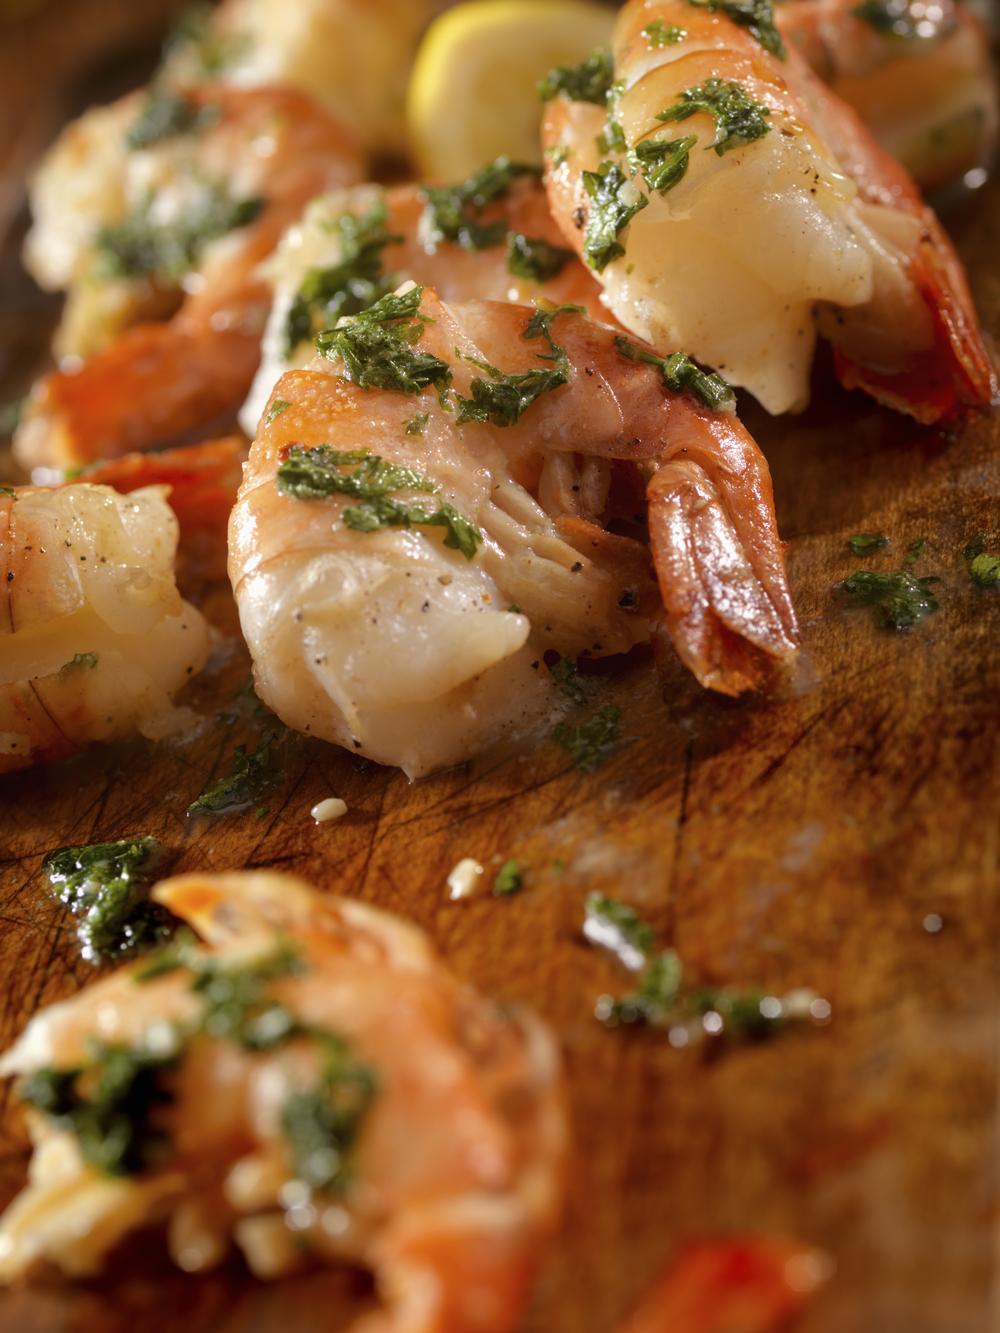 WARMER ZUCCHINI-KAROTTEN-SALATMIT SCAMPI   Zucchini- und Karottenstreifen mit BACKOFEN Gourmetsalz und Pfeffer anbraten, kurz ziehen lassen und noch warm über den Blattsalat geben. Scampi mit frischem Knoblauch und Gourmetsalz anbraten und auflegen. Das leckere Salatdressing über den warmen Salat geben.